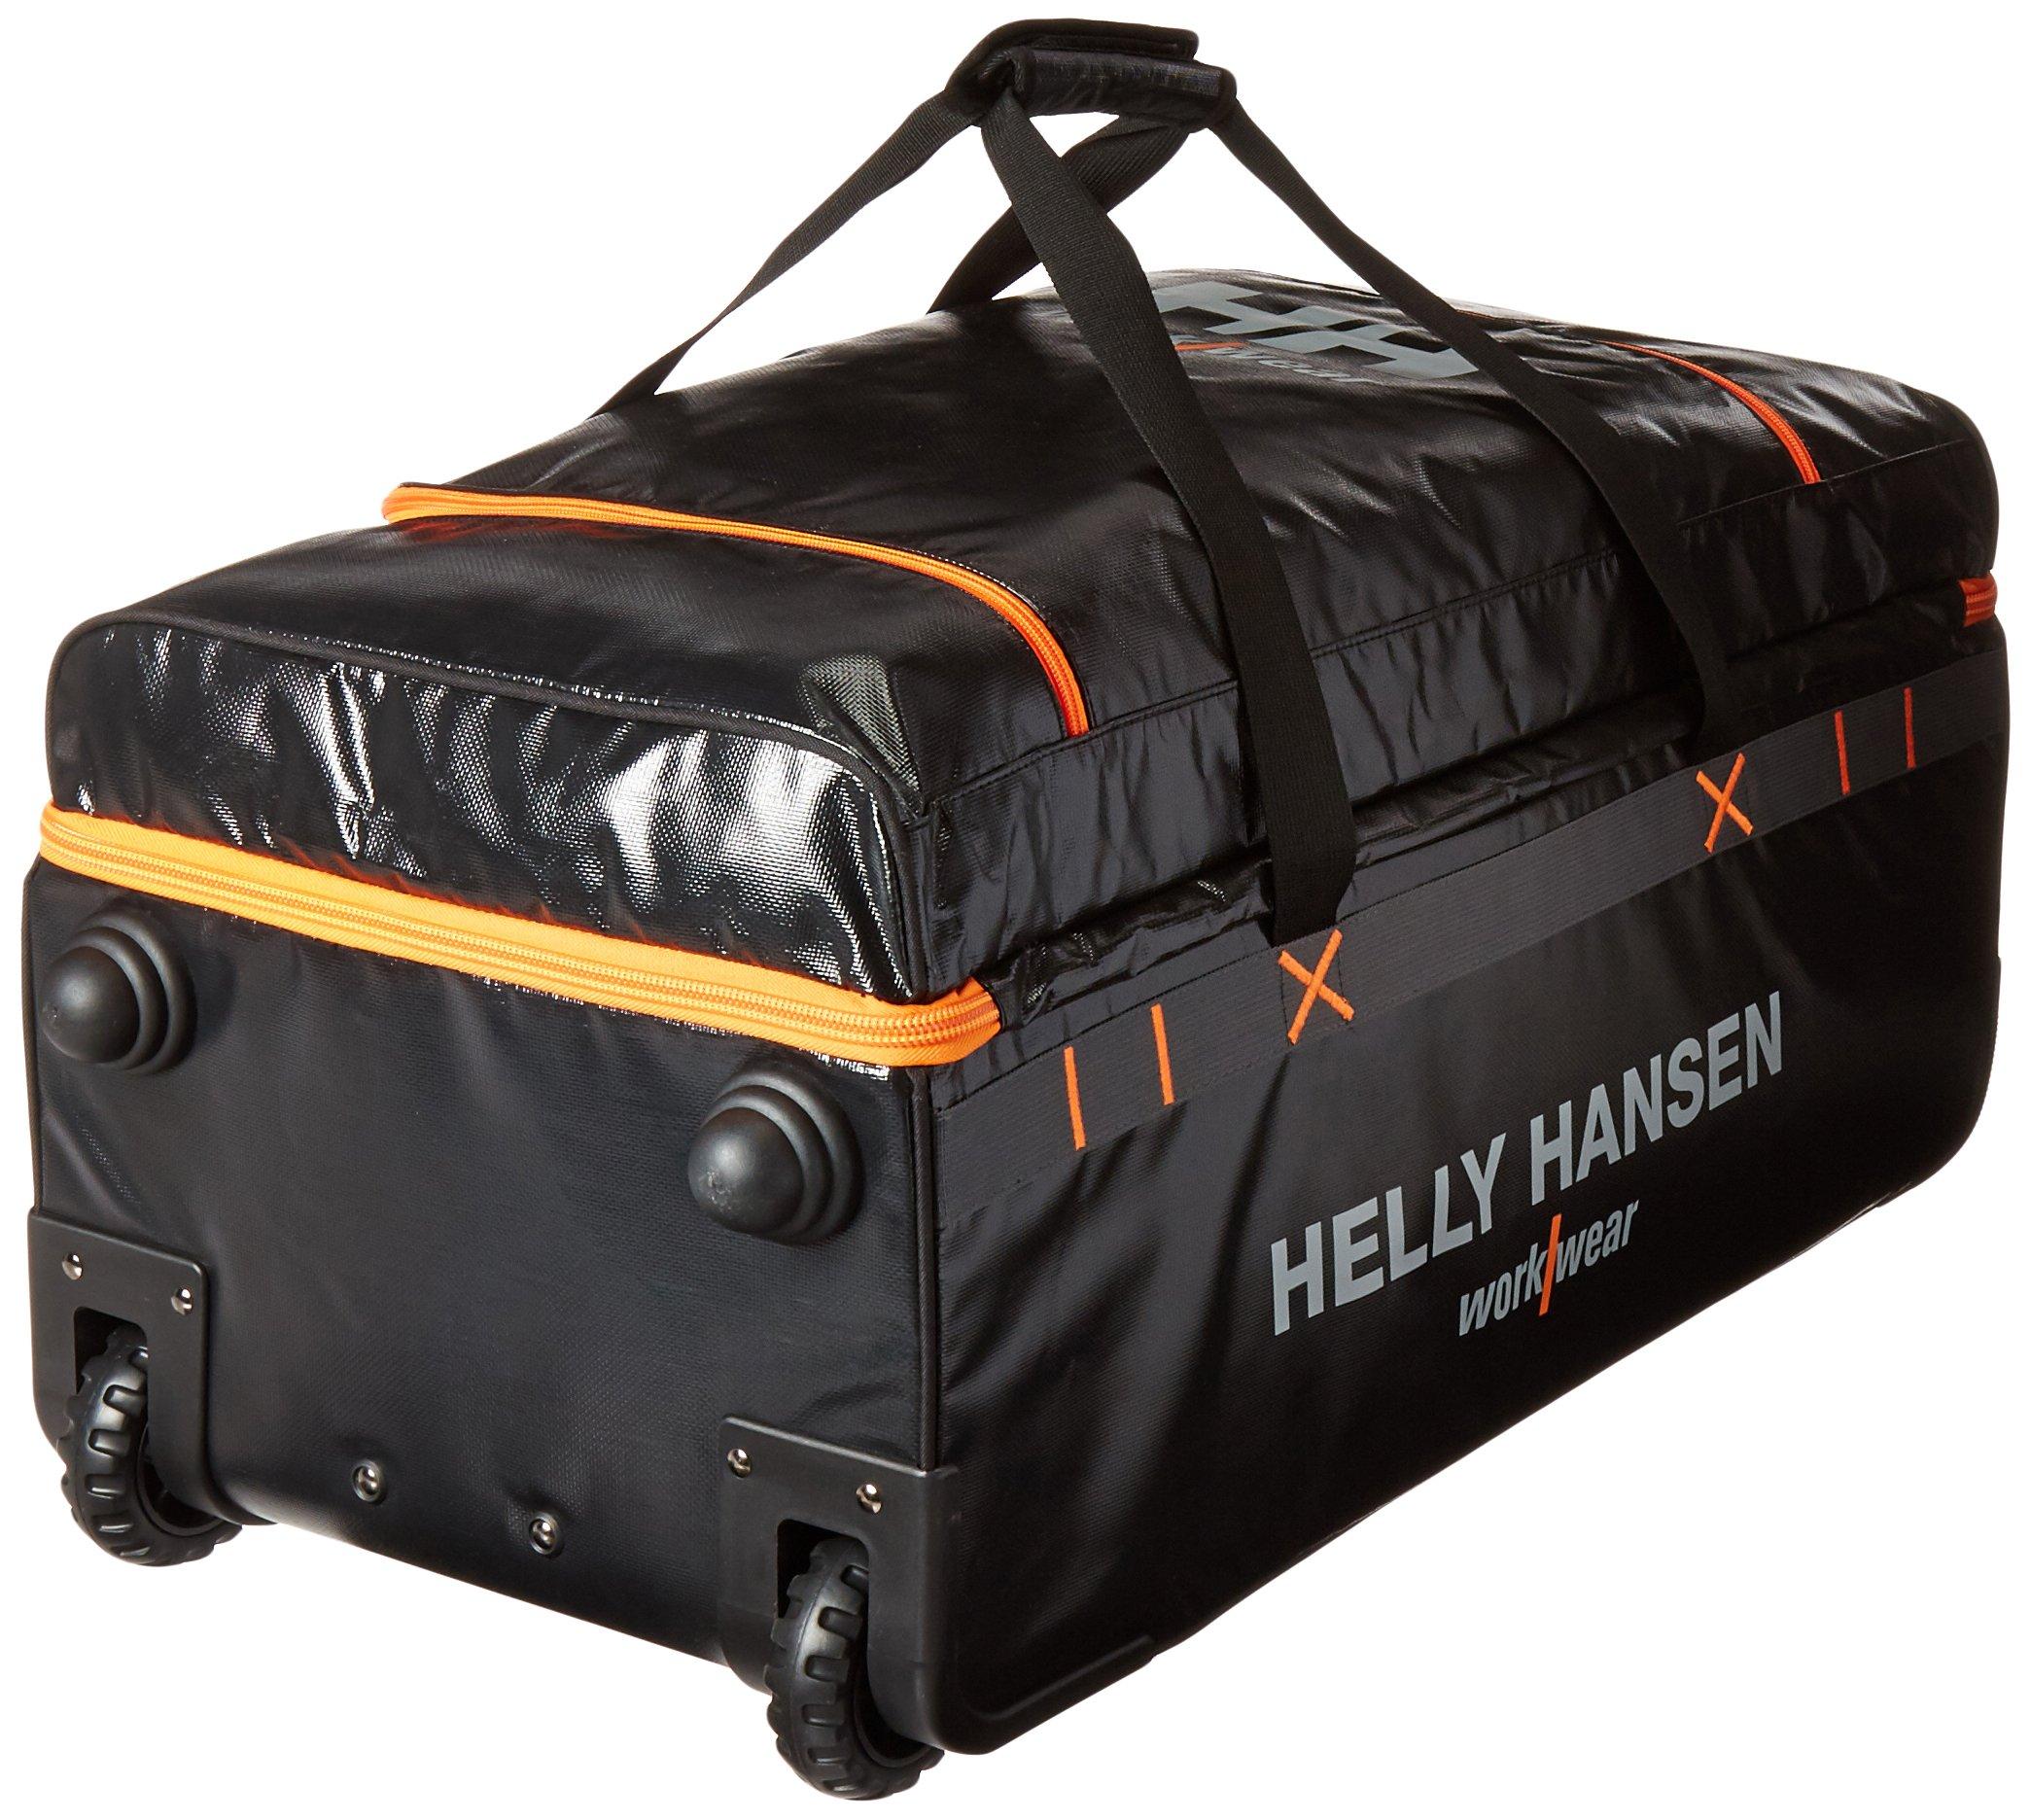 Helly-Hansen-Trolley-Bag-Trolleytasche-95-L-79560-990-schwarz-79560